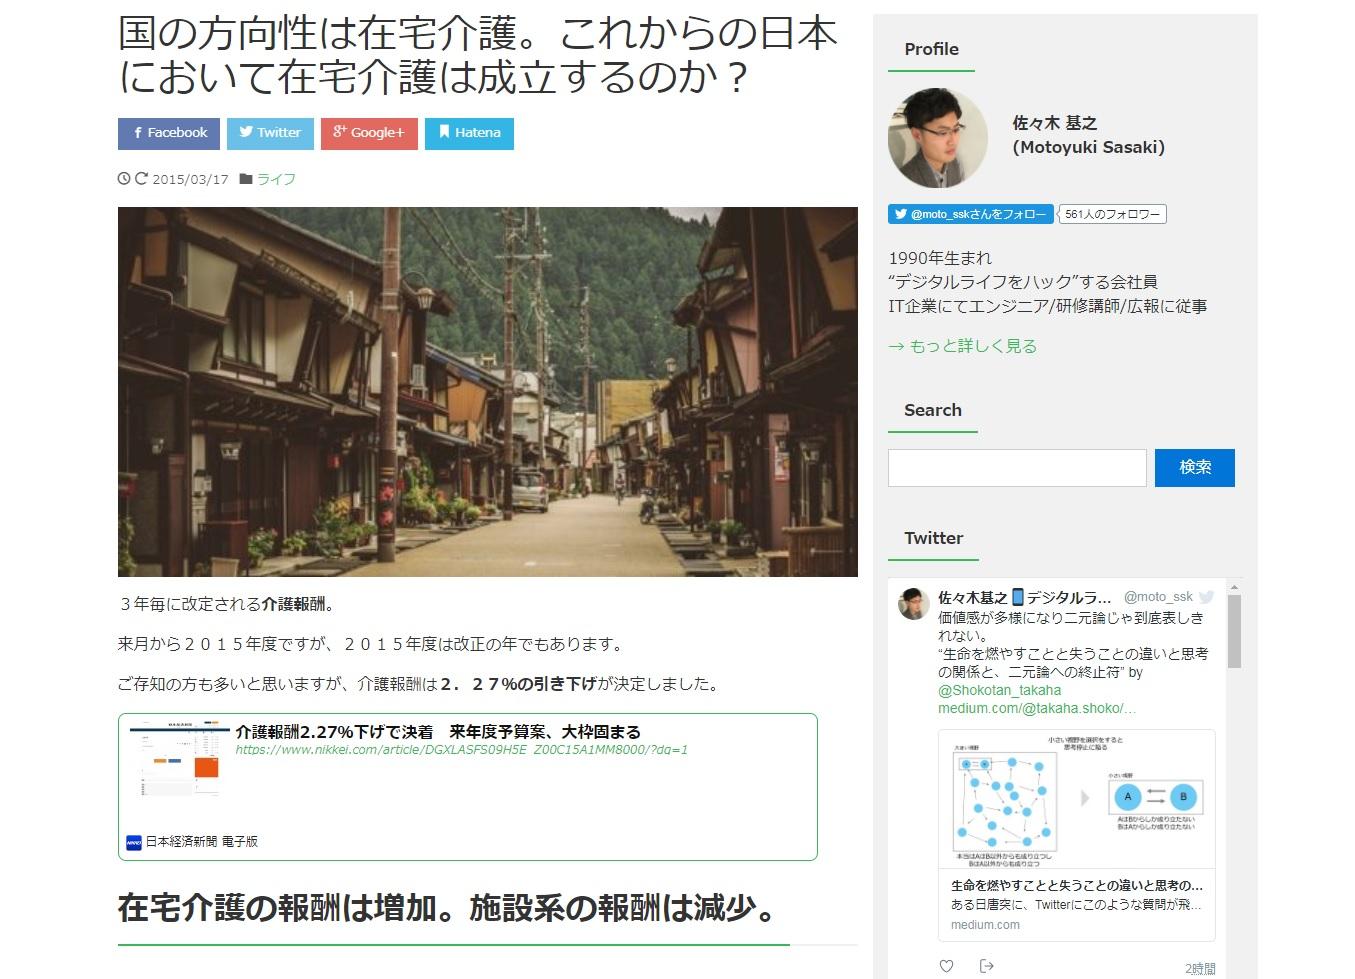 これからの日本において在宅介護は成立するのか?